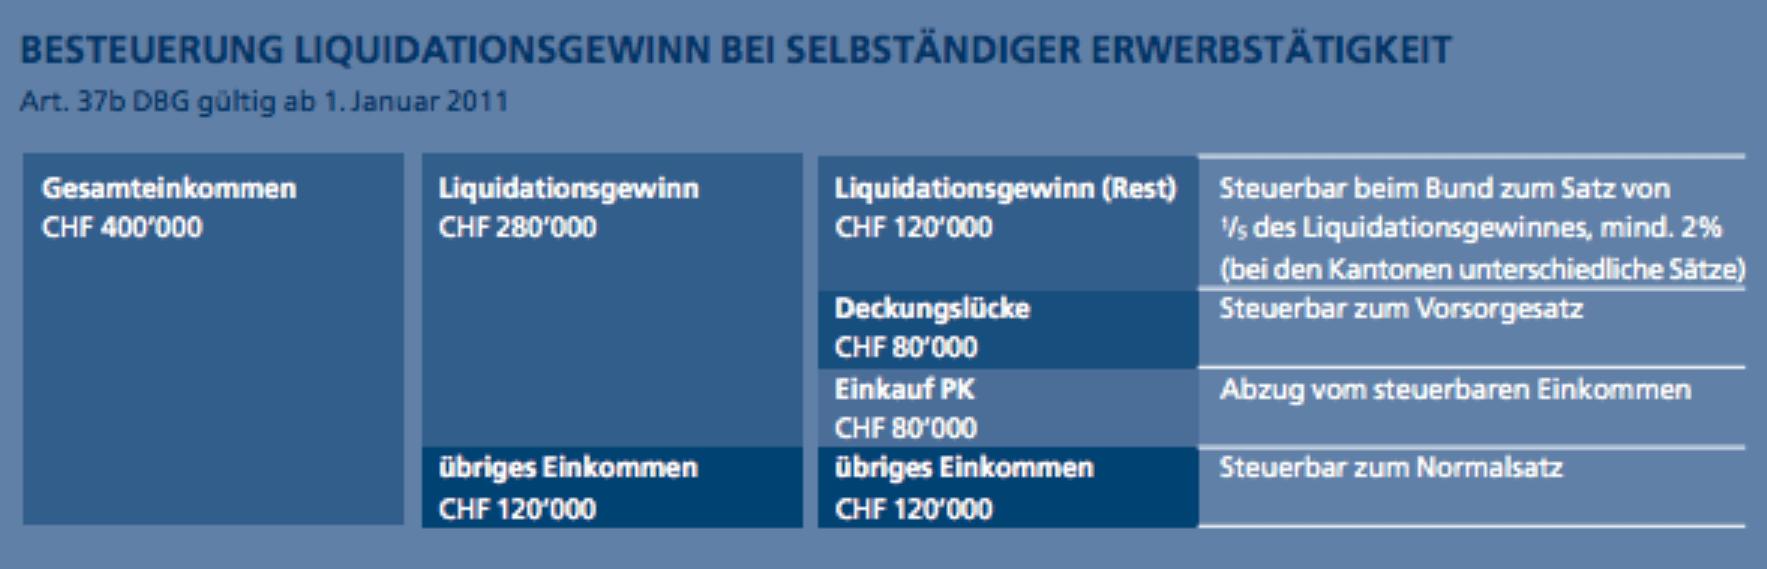 Publikation Besteuerung Liquidationsgewinn